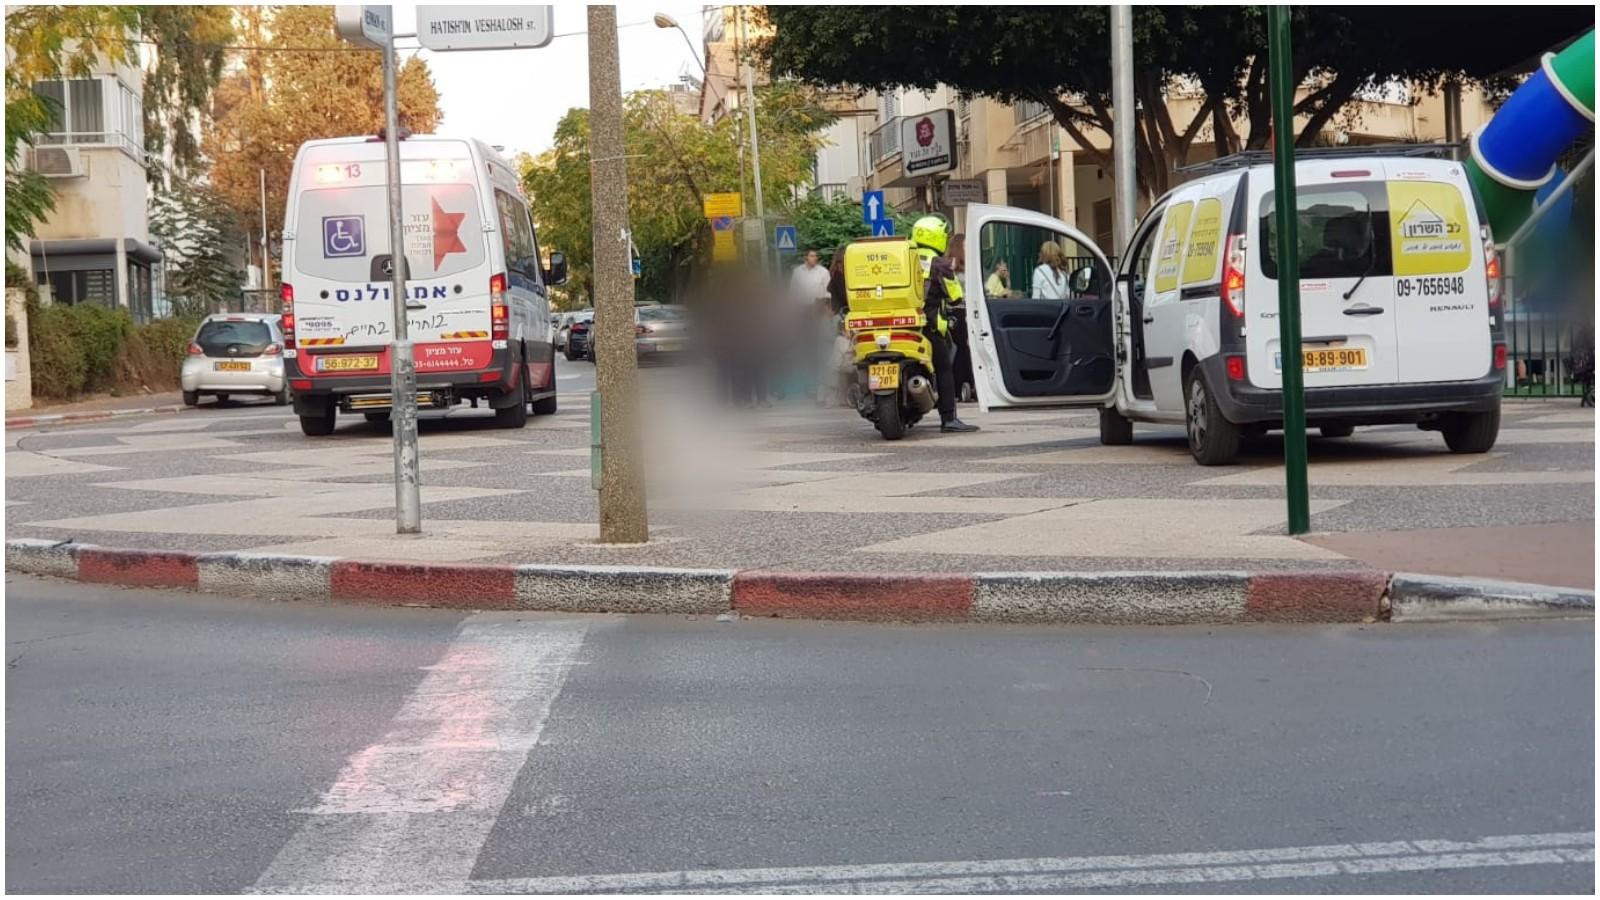 פינוי הפעוט שנחבל בגינה ברחוב יואל משה סלומון צילום דוברות הצלה פתח תקוה